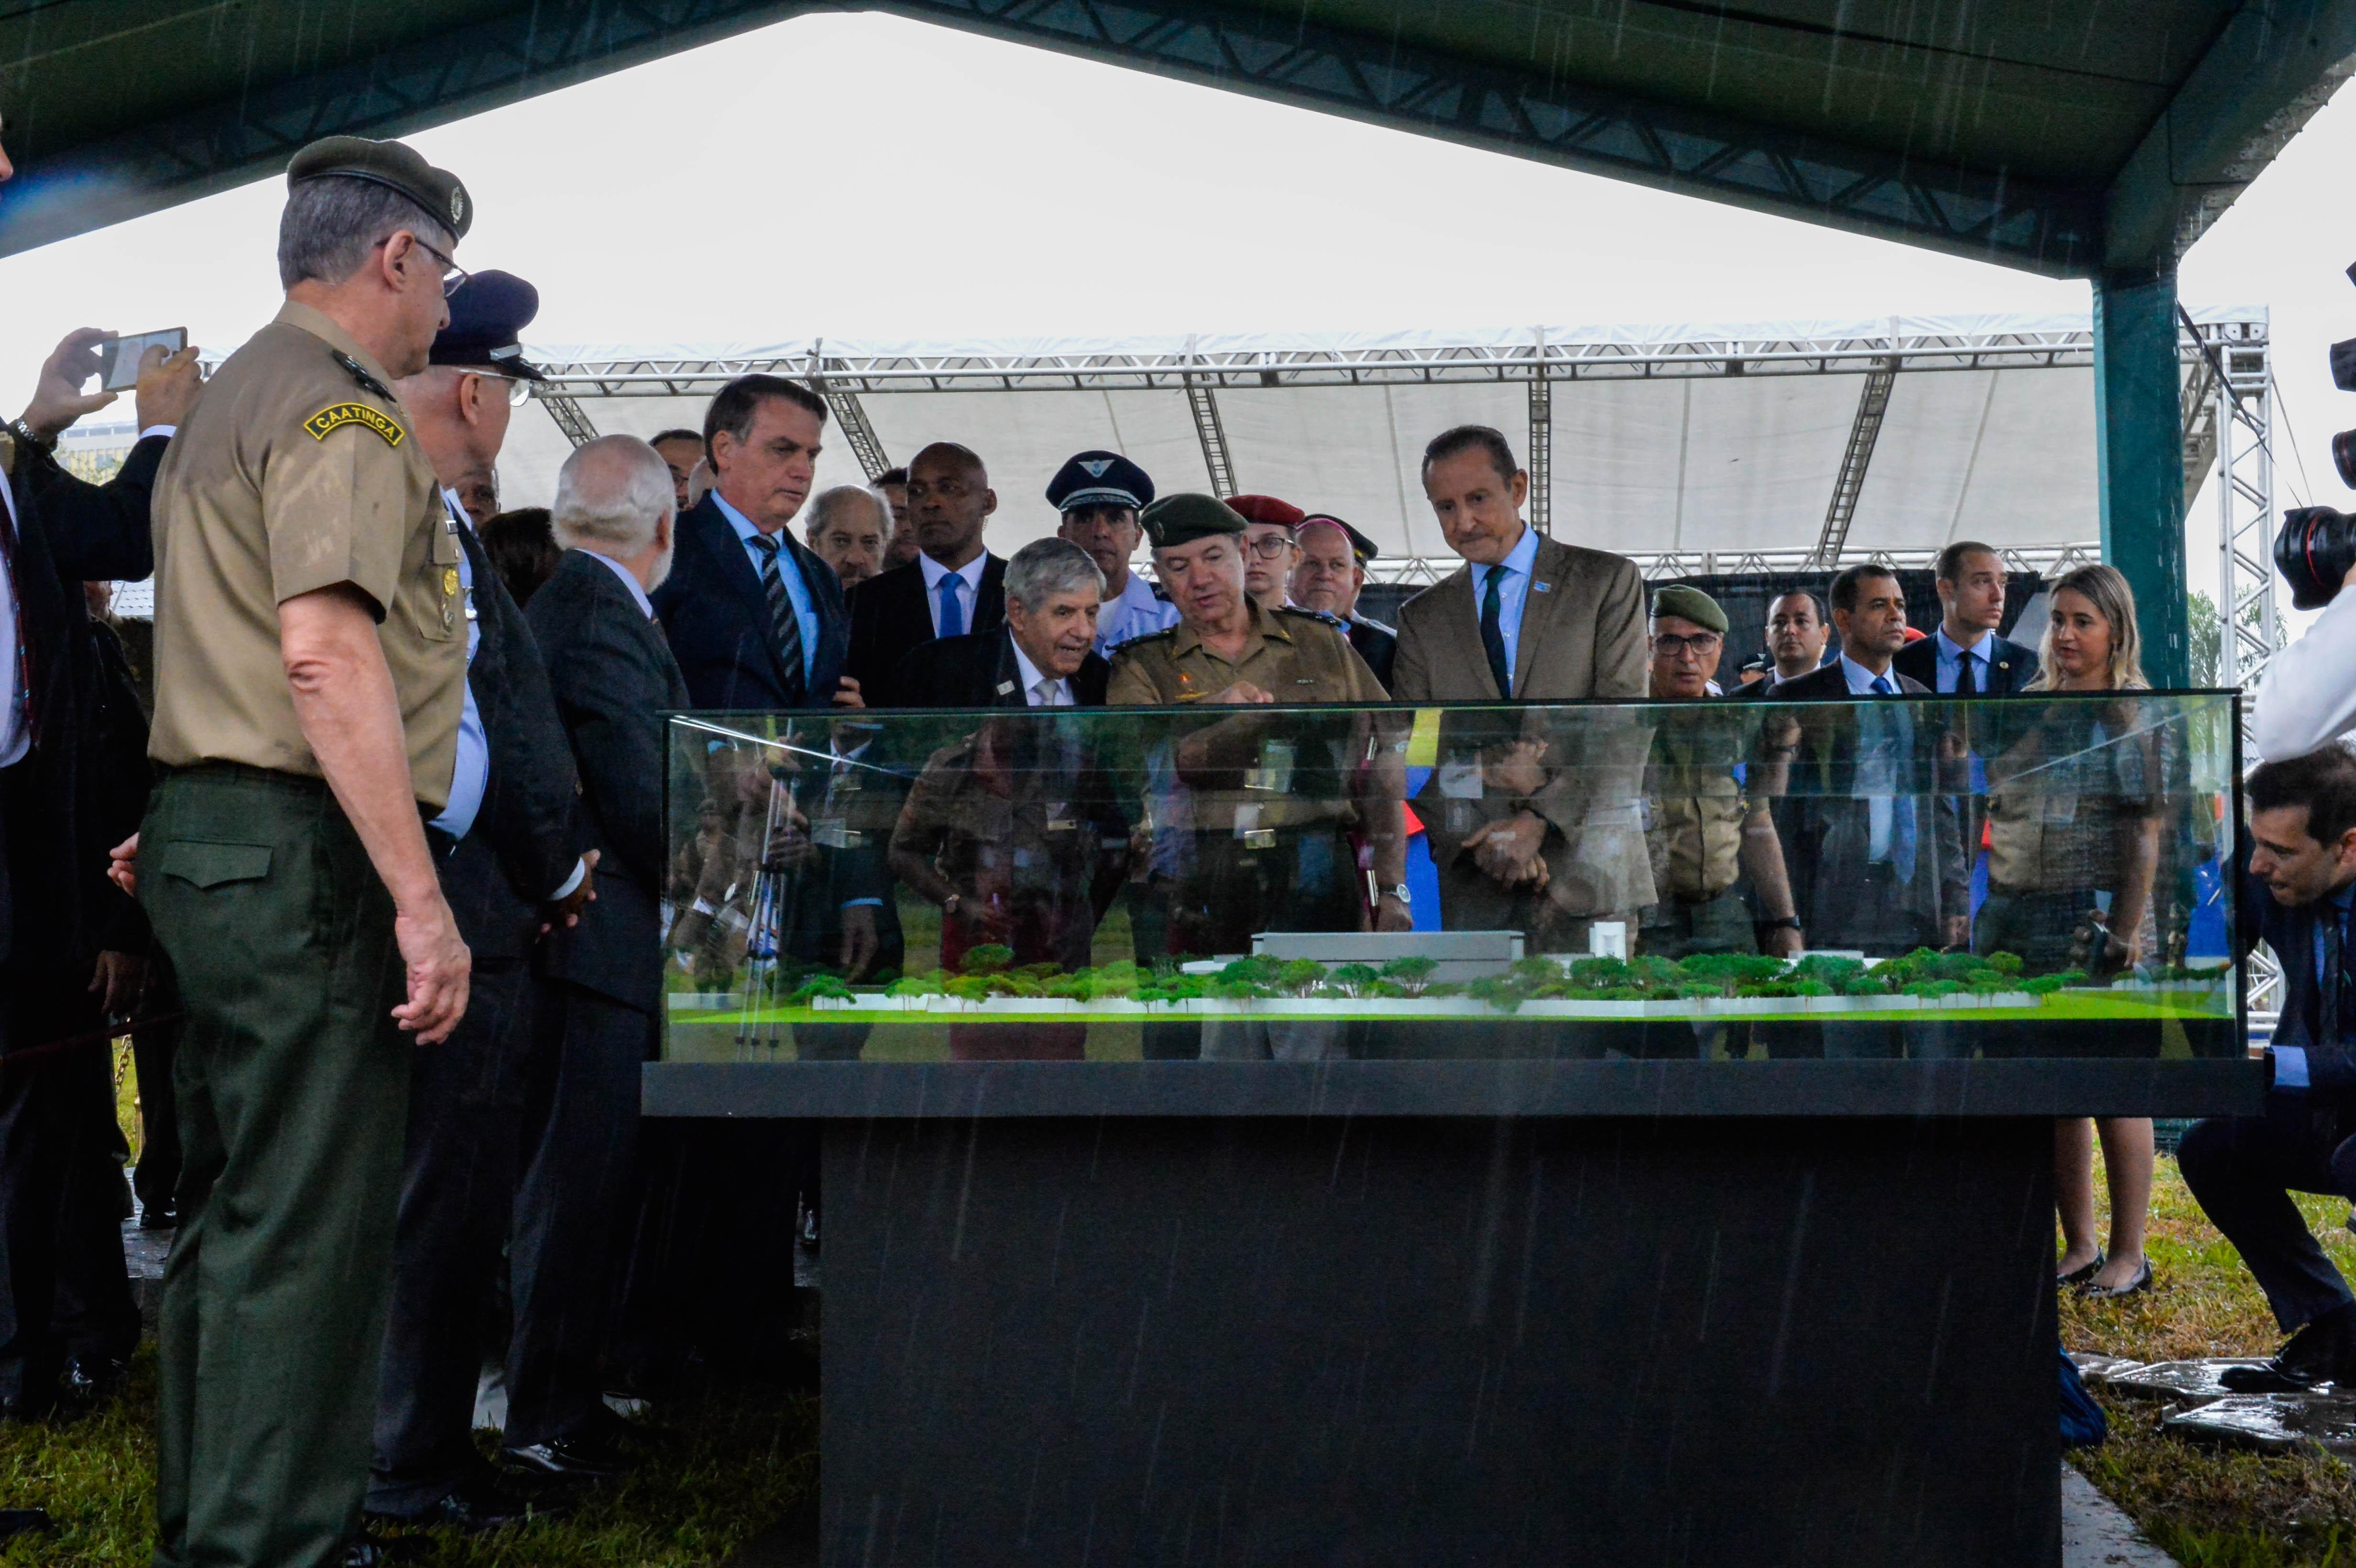 Instituição de ensino é a 14ª unidade do sistema de ensino fundamental e médio das Forças Armadas brasileiras